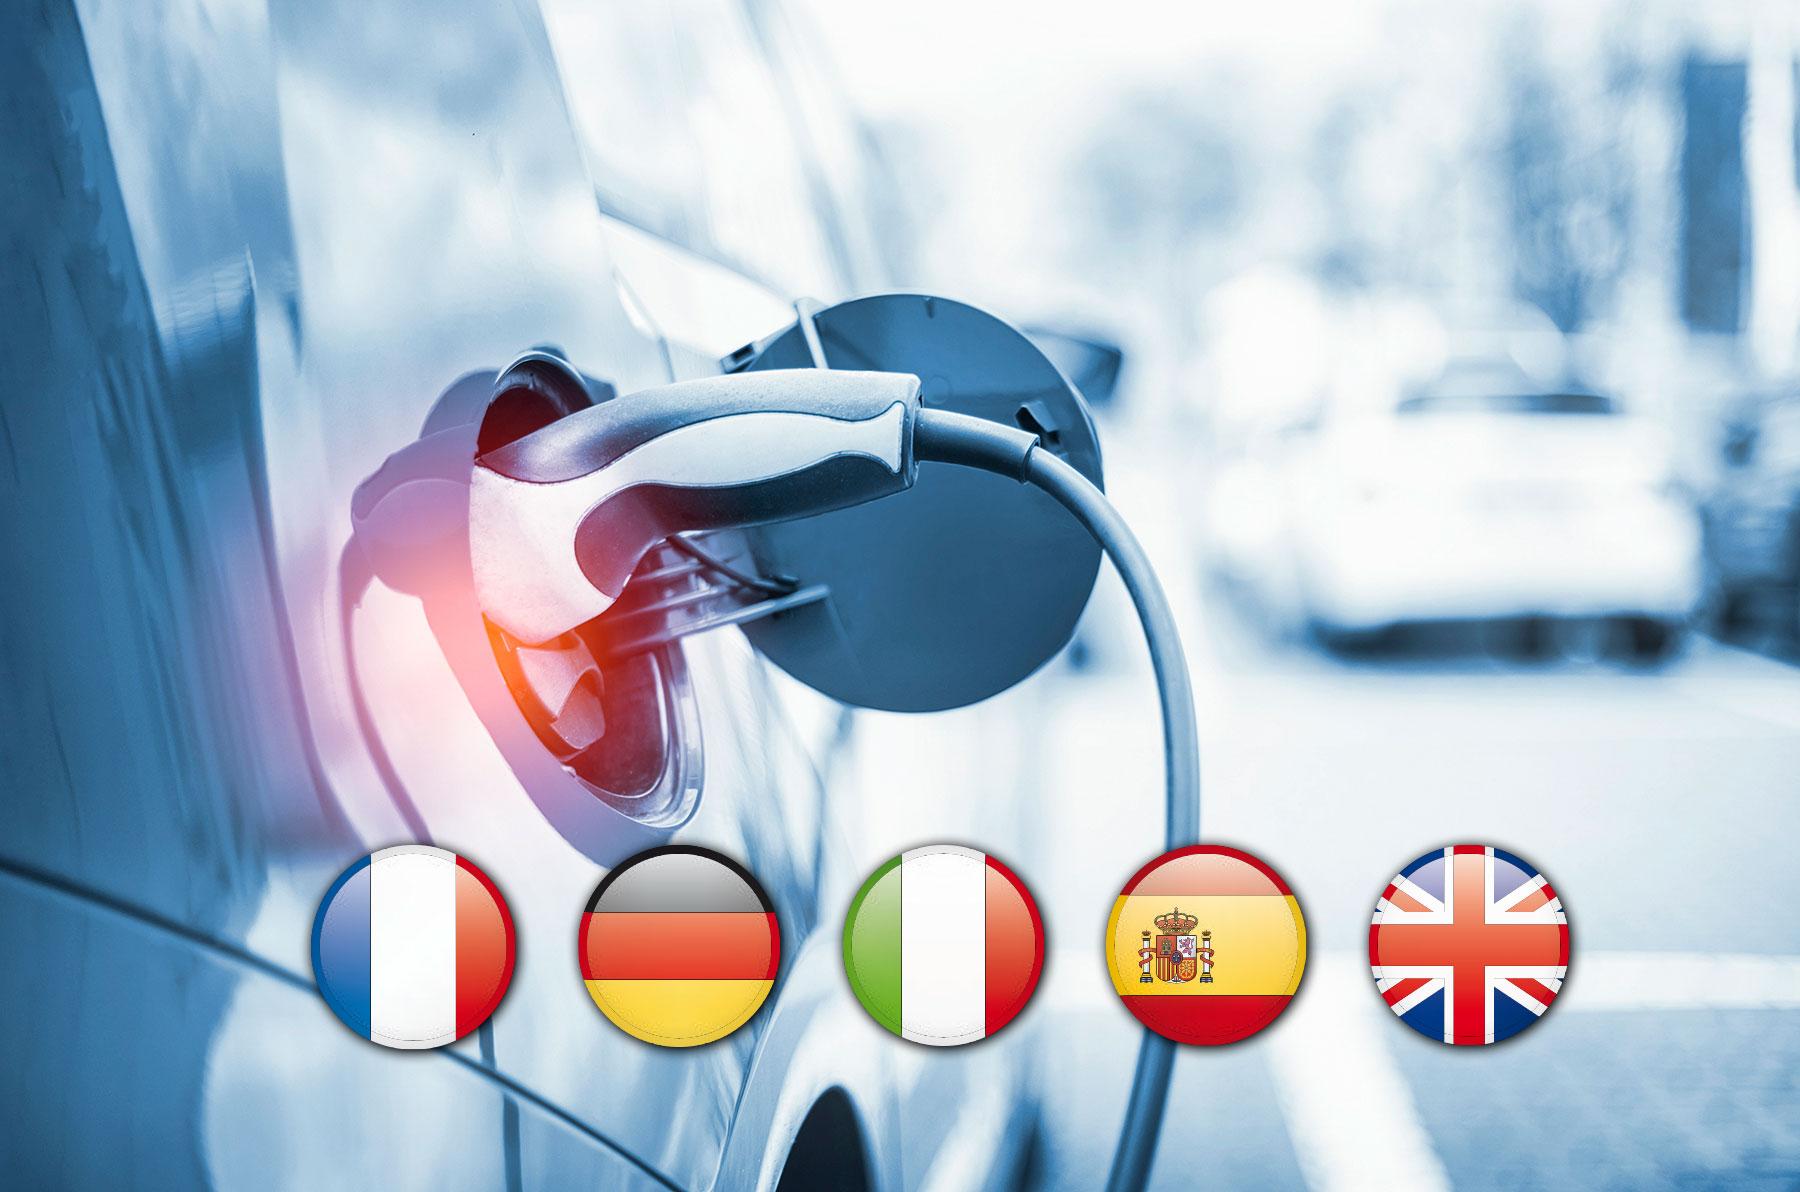 Renault Studie zur Elektromobilität: die Deutschen sind am schwersten zu knacken